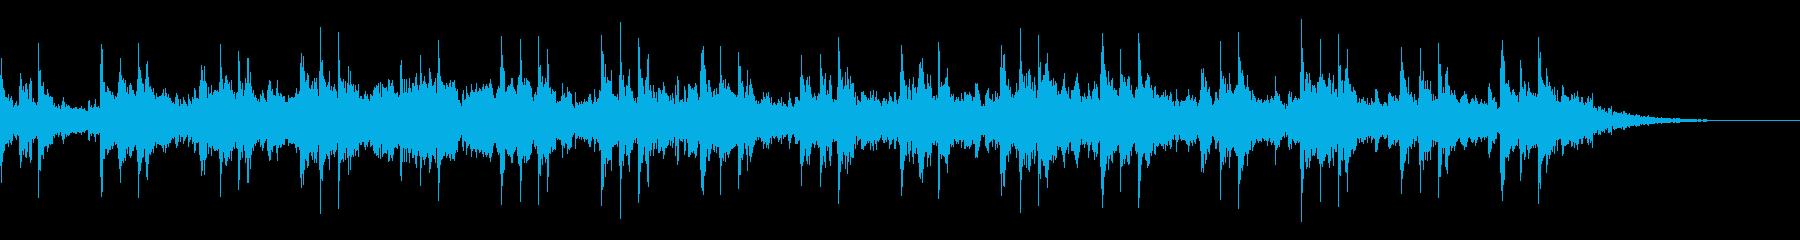 エスニックムードの笛による神秘的な音風景の再生済みの波形